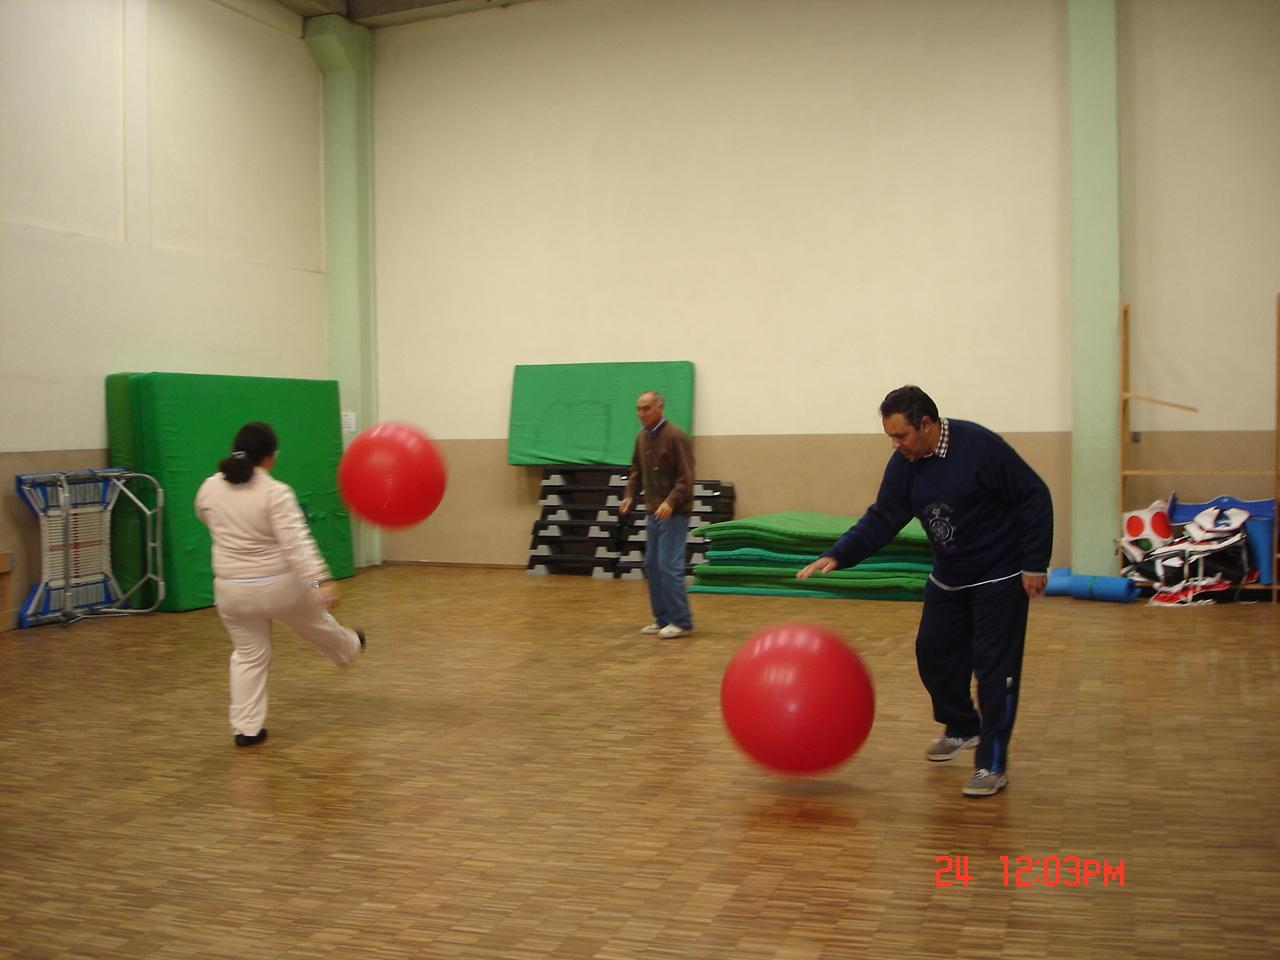 Actividade Desportiva - Ginástica